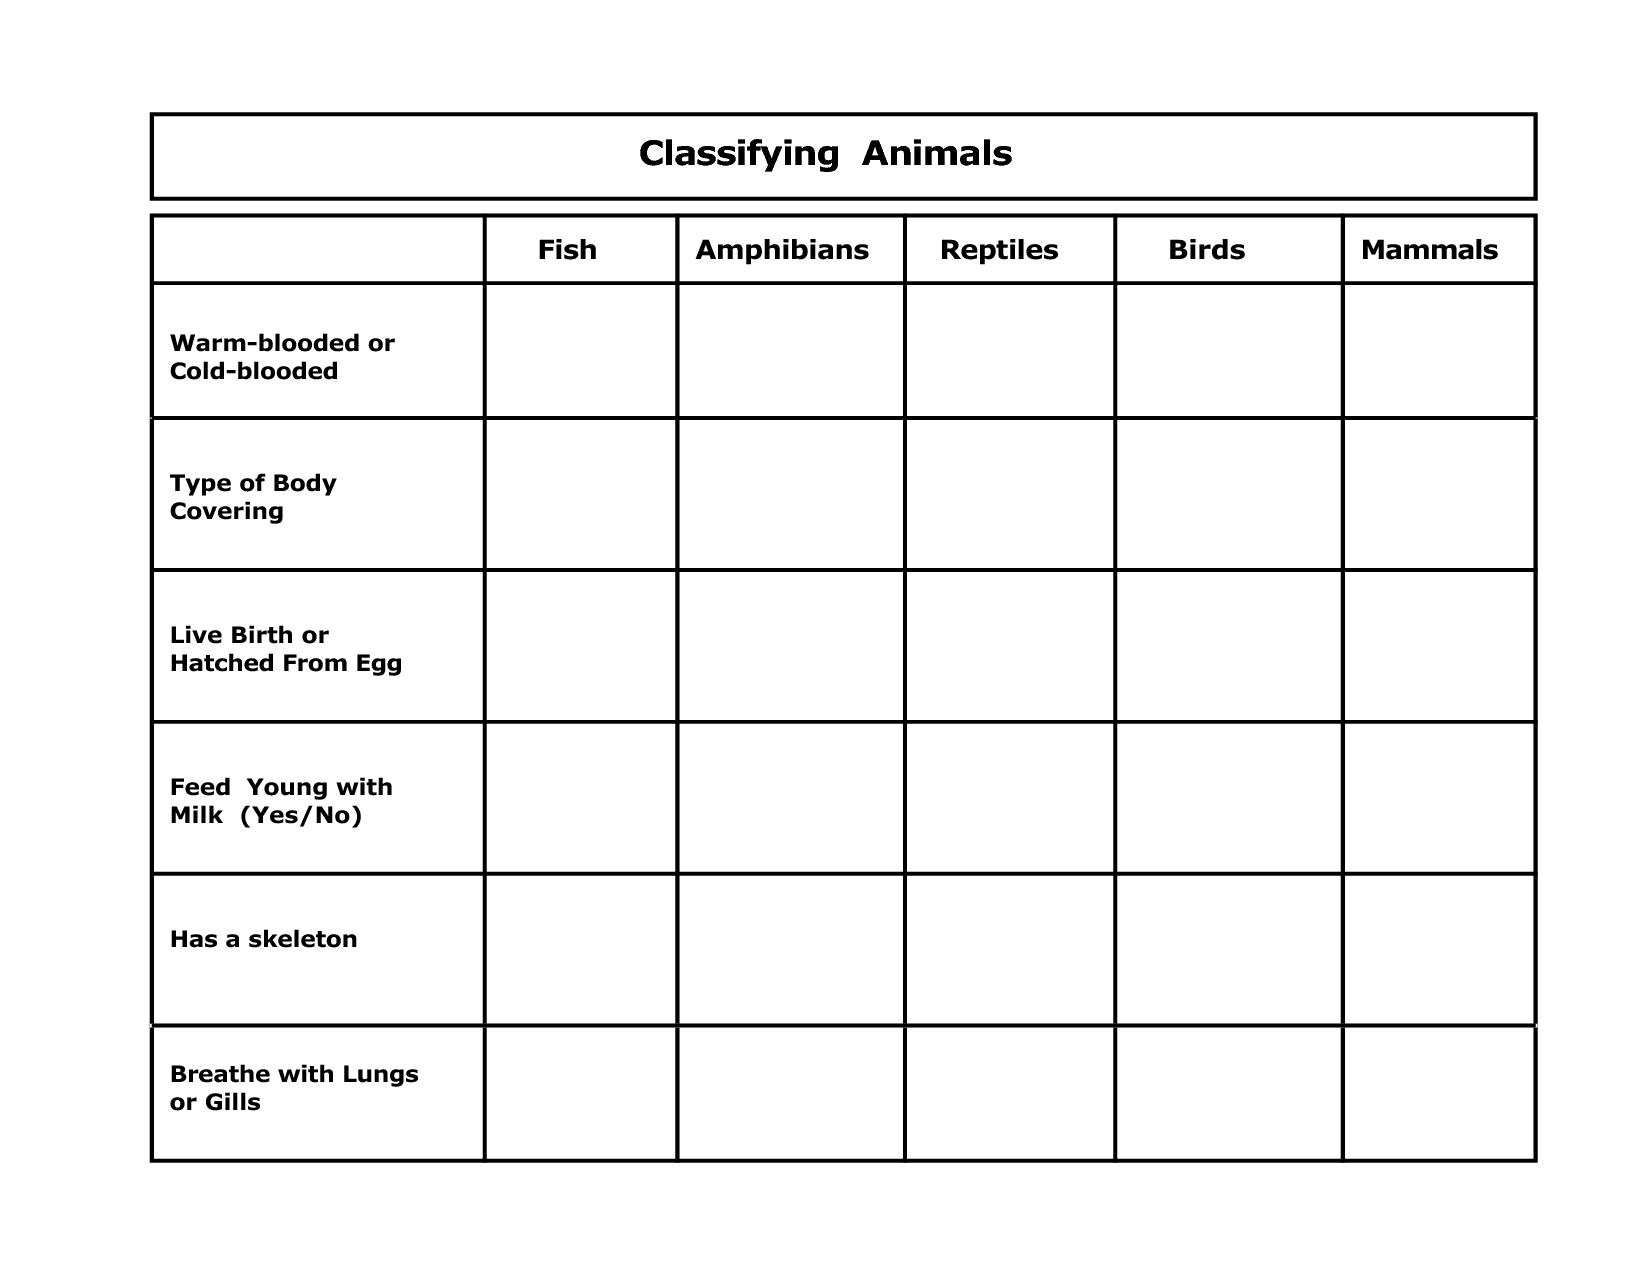 hight resolution of 6955b8895ef29515b88cab2c0b55f02b.jpg (1650×1275)   Classifying animals